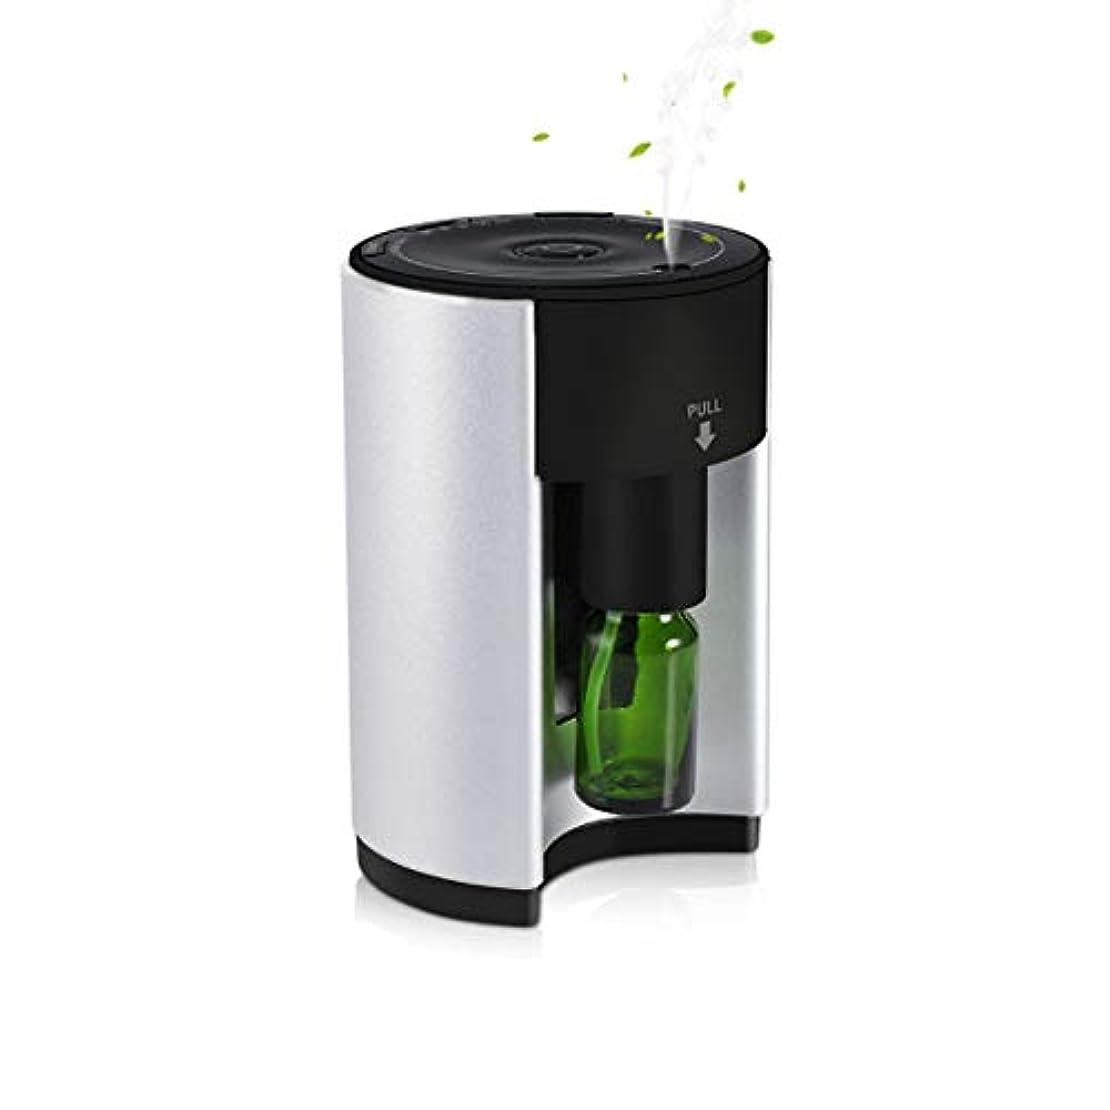 程度開発するパターンアロマバーナー アロマ芳香器 アロマディフューザー ネブライザー式 ヨガ室 ホテル 人気 香り 小型 コンパクト 軽量 アロマオイル うるおい 専用ボトル付 タイマー付き 広範囲適用